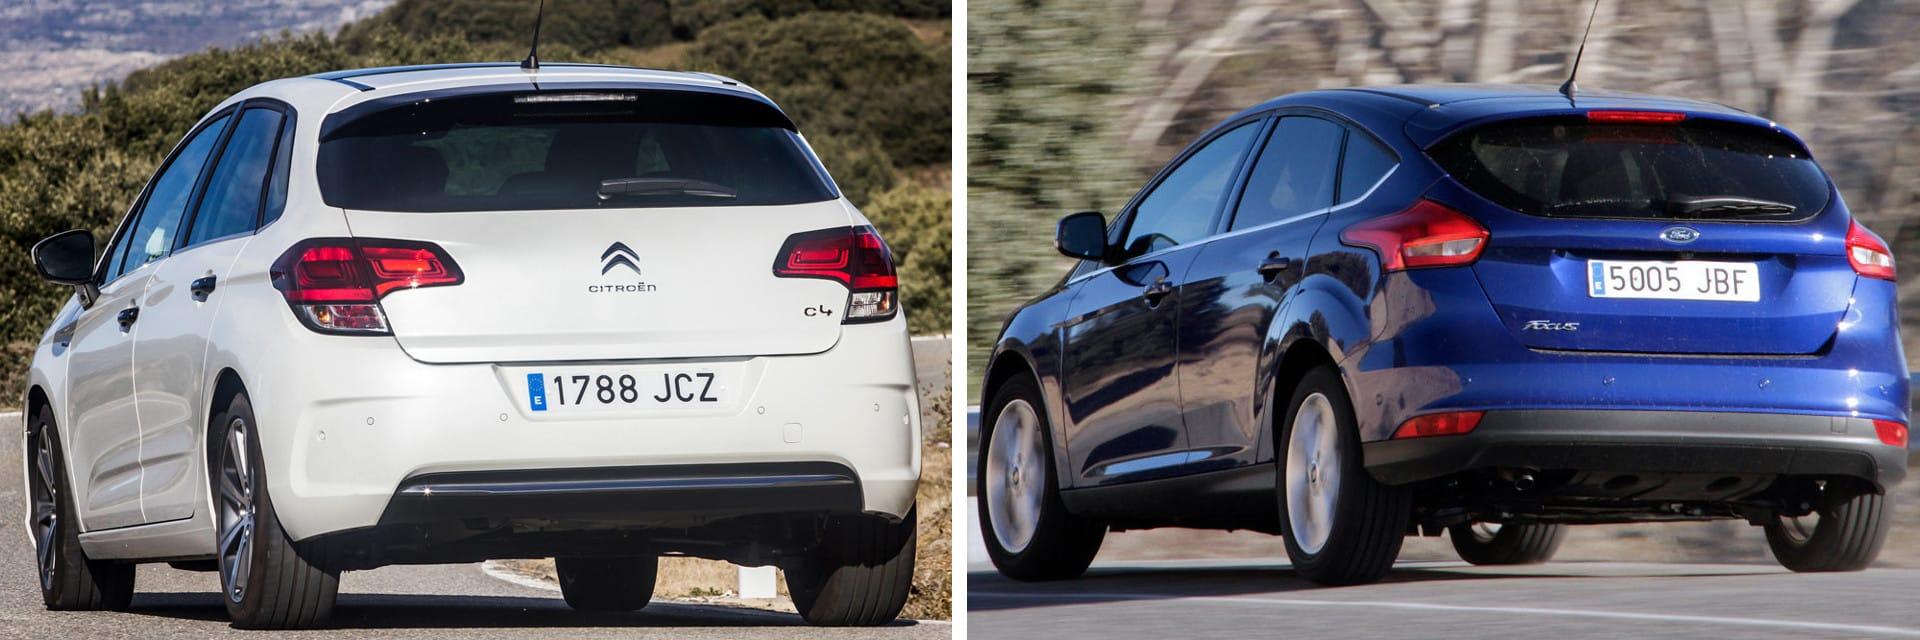 Las fotos del Citroën C4 corresponden al acabado Exclusive. Las fotos del Ford Focus corresponden al acabado indicado. Fotos cedidas por KM77.